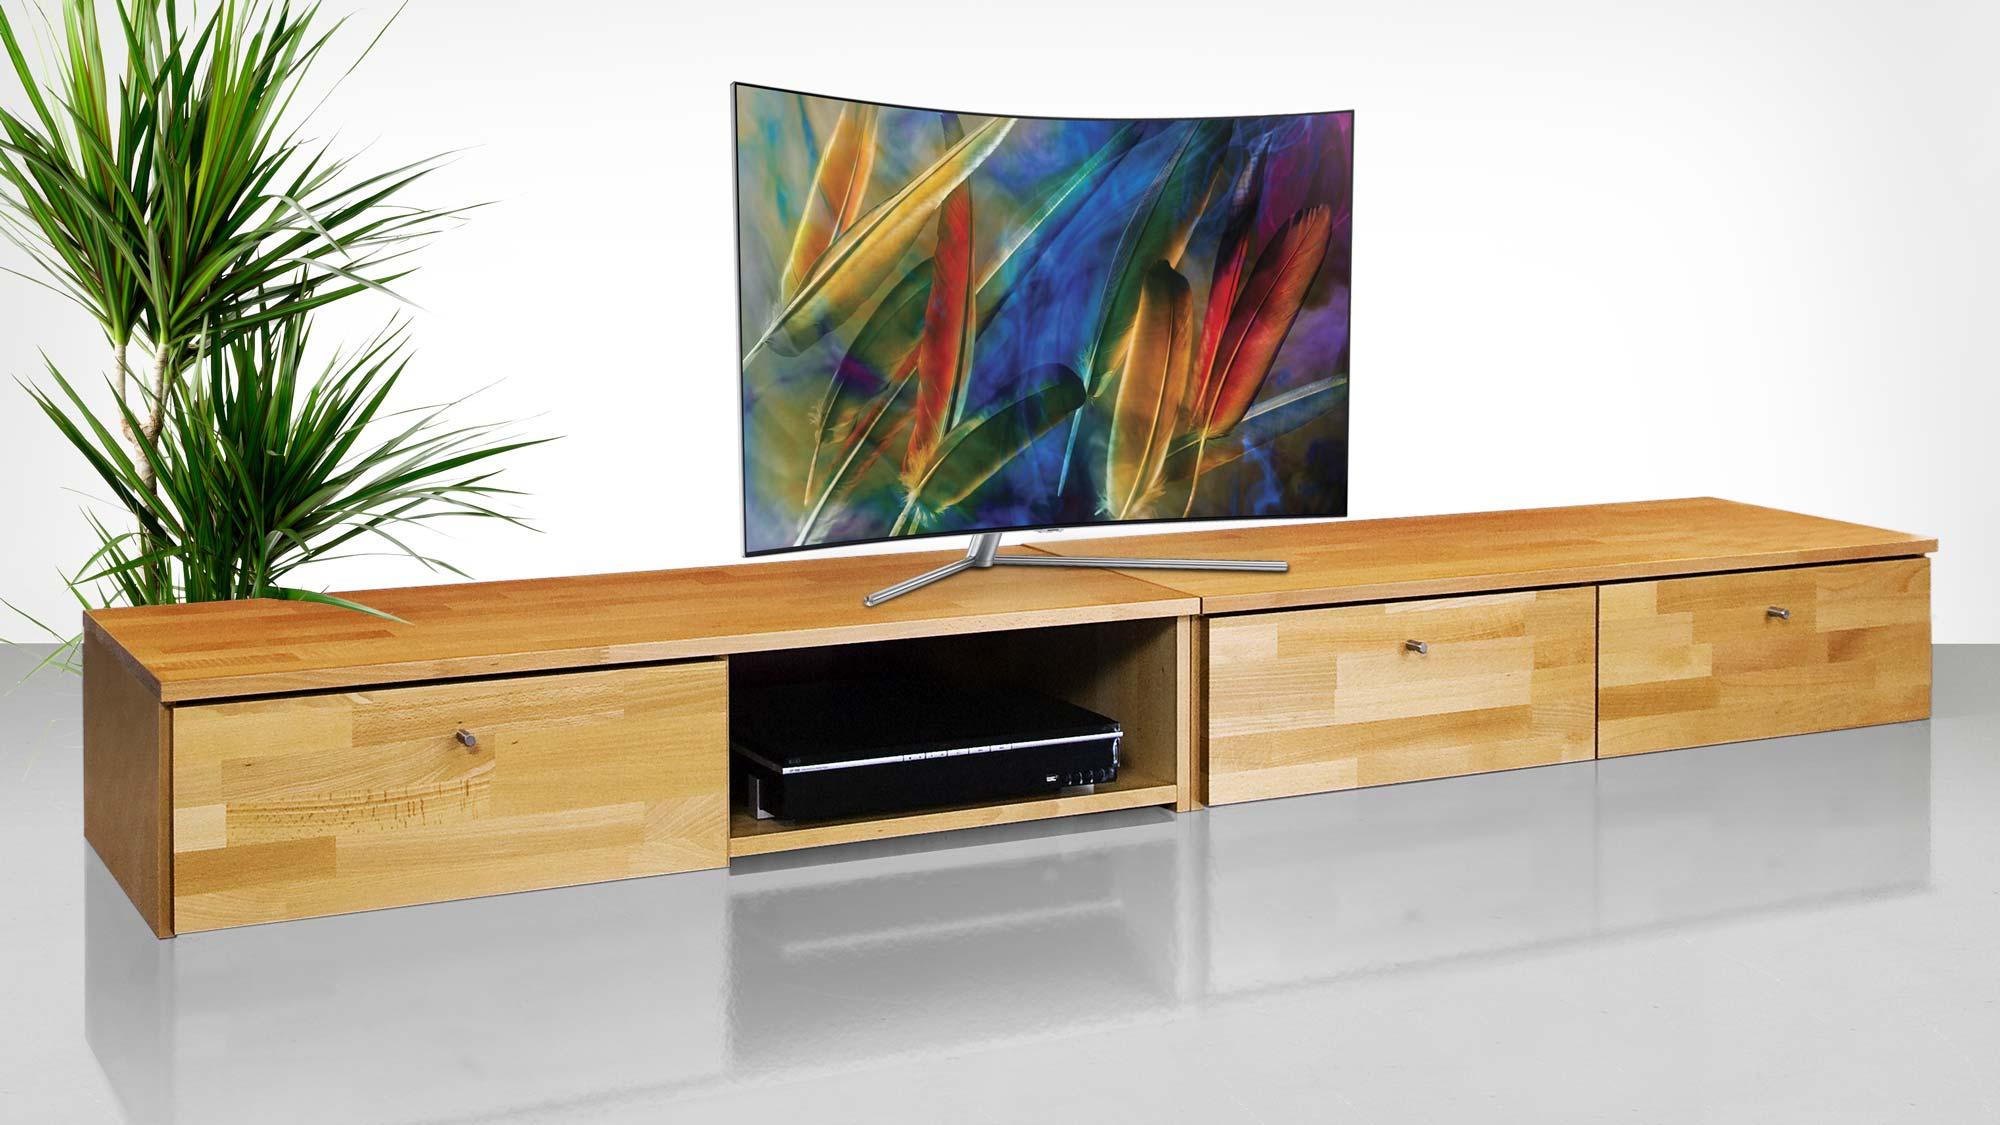 Mobiletto tv fai da te   Realizzazione illustrata